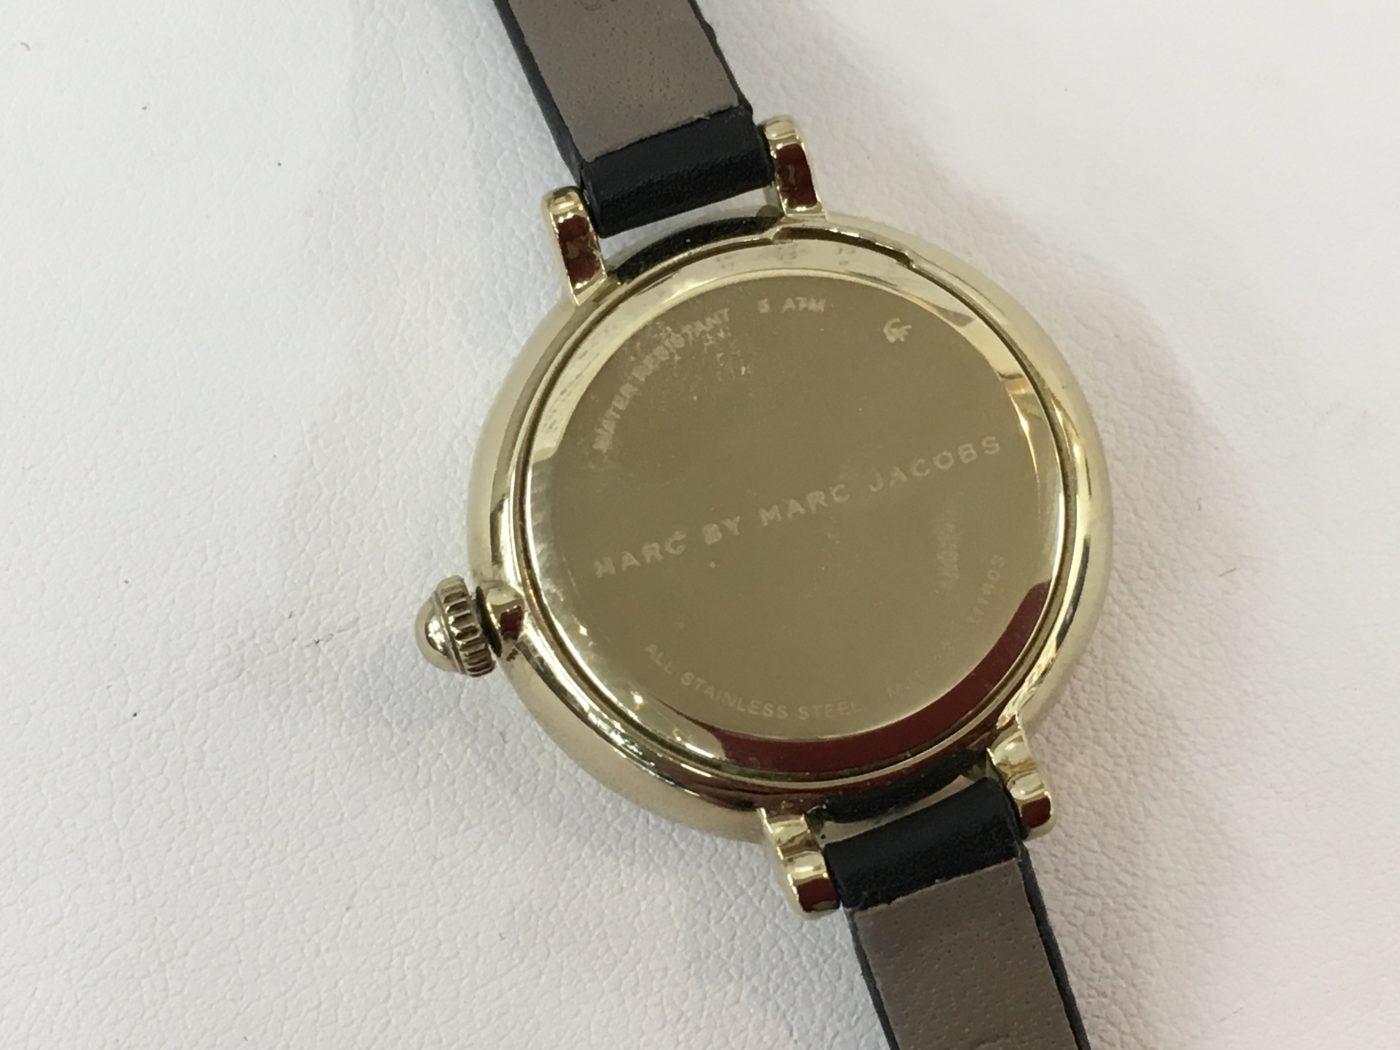 マークジェイコブス 腕時計 電池交換 裏ブタ バッテリー